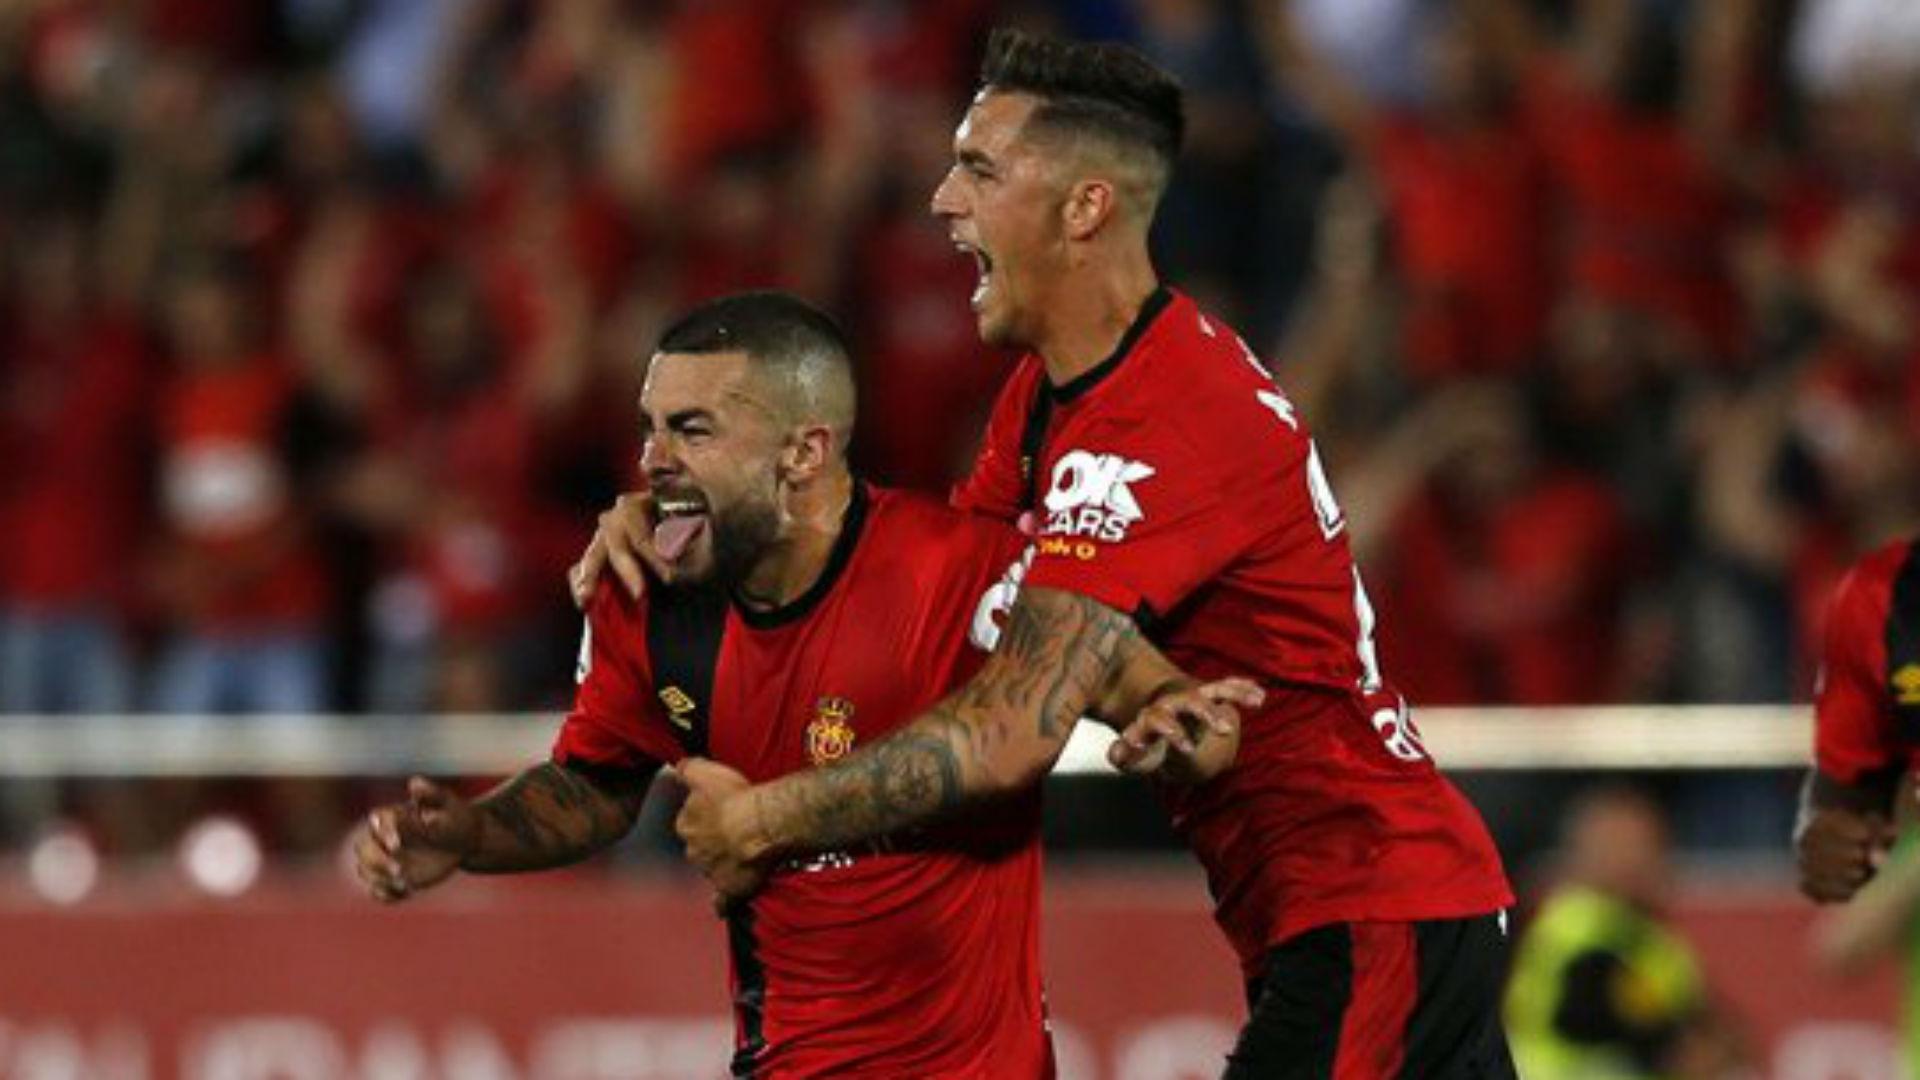 Mallorca 2 Albacete 0: Rodriguez haunts former club